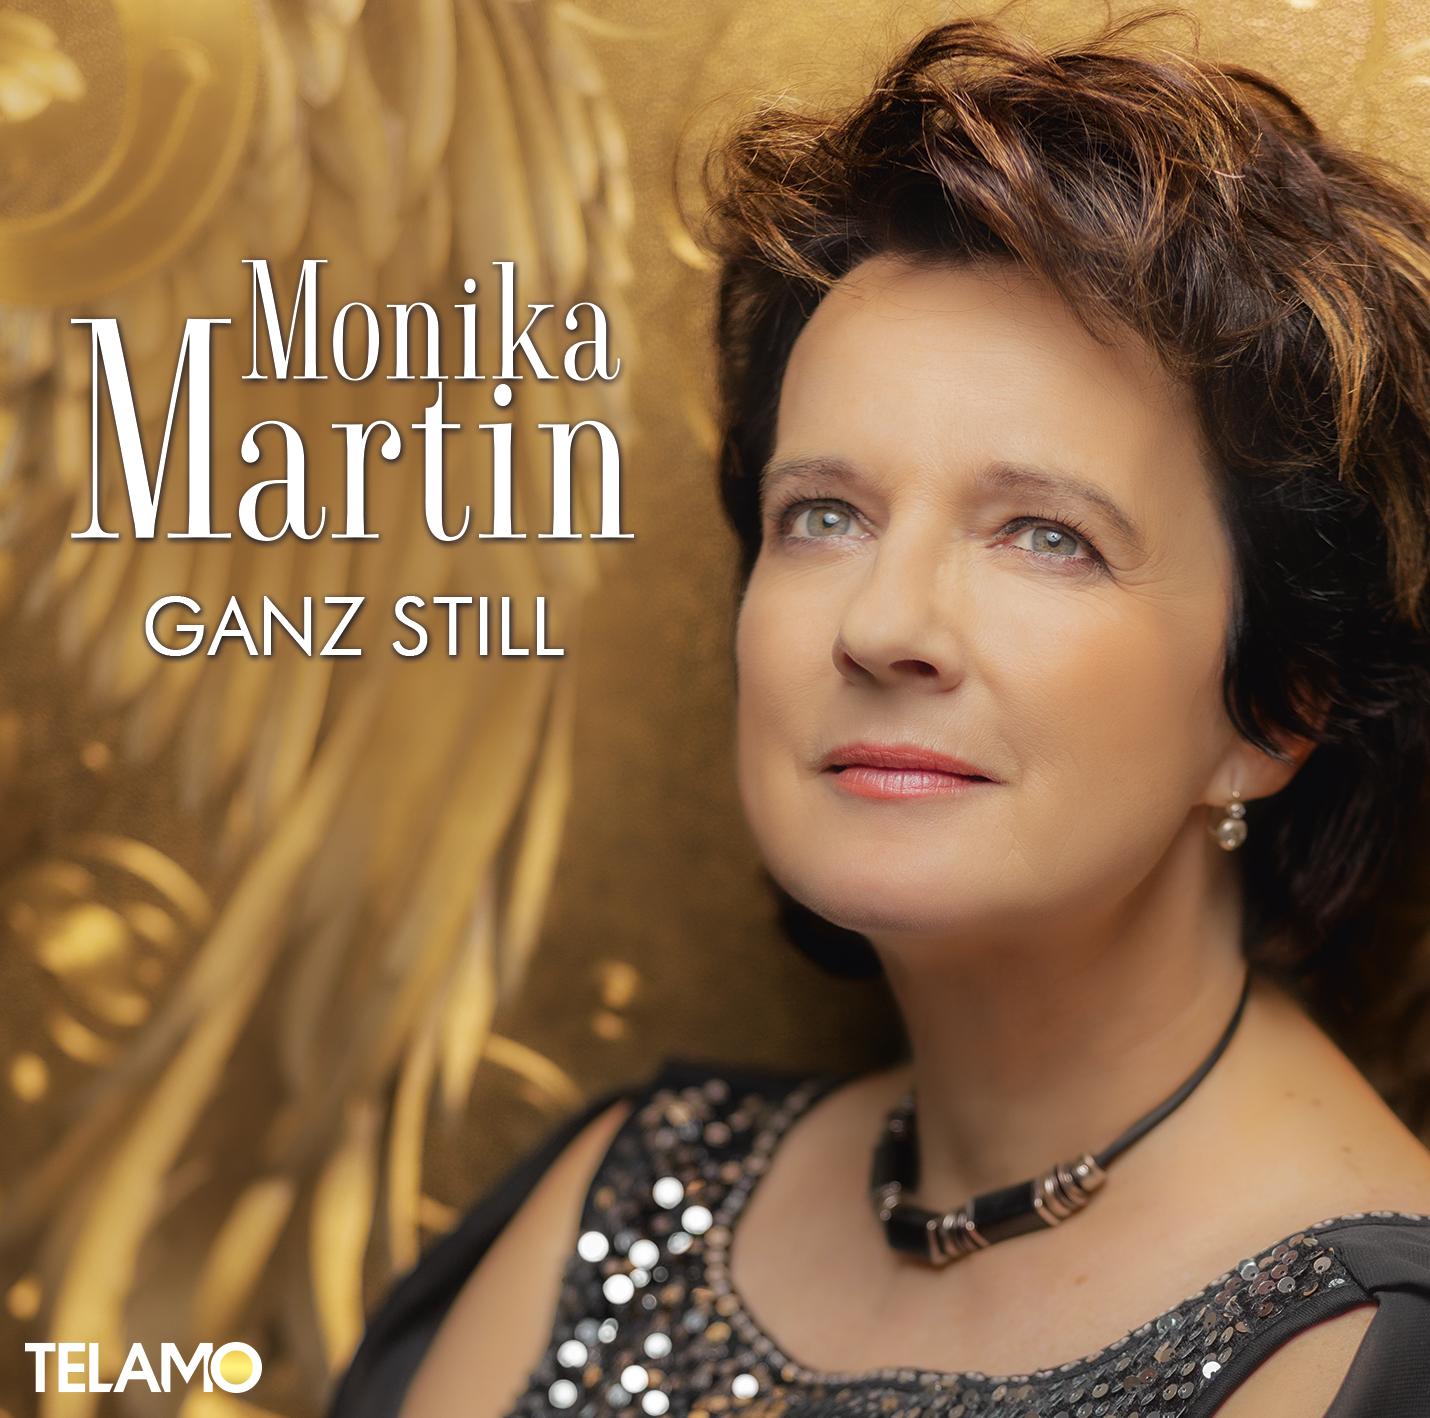 MONIKA MARTIN * Ganz still (CD) * Auch als DVD und Limitierte Fanbox erhältlich!